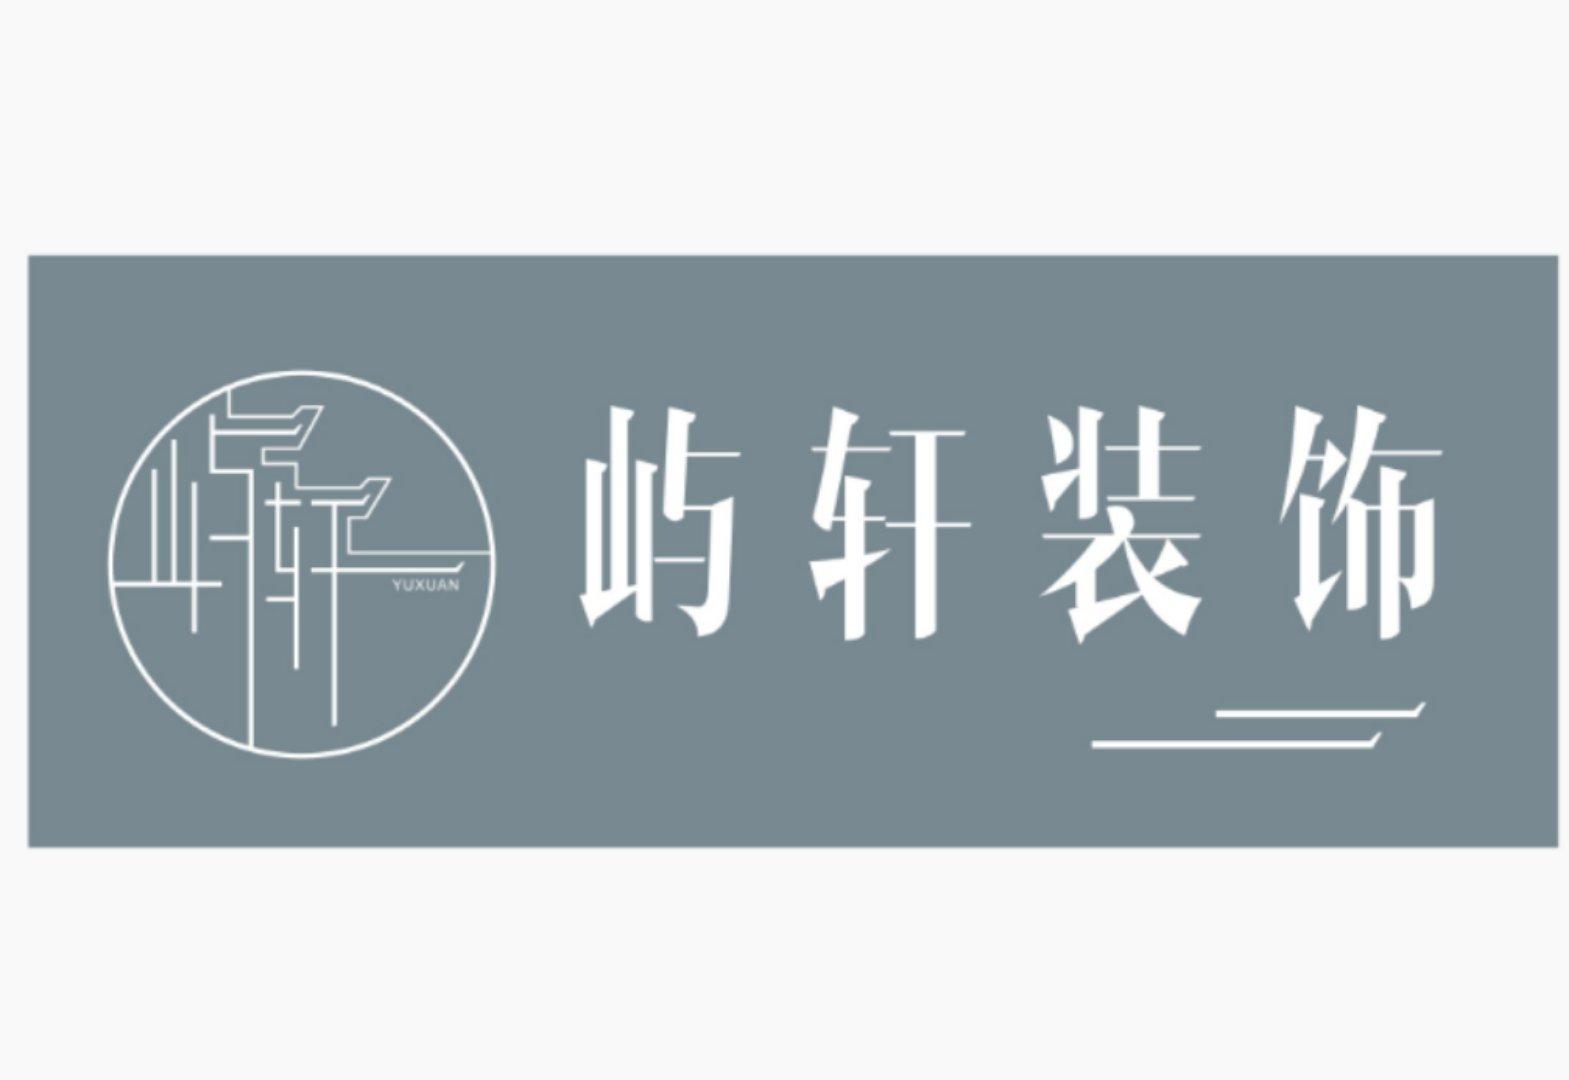 自贡屿轩装饰有限公司